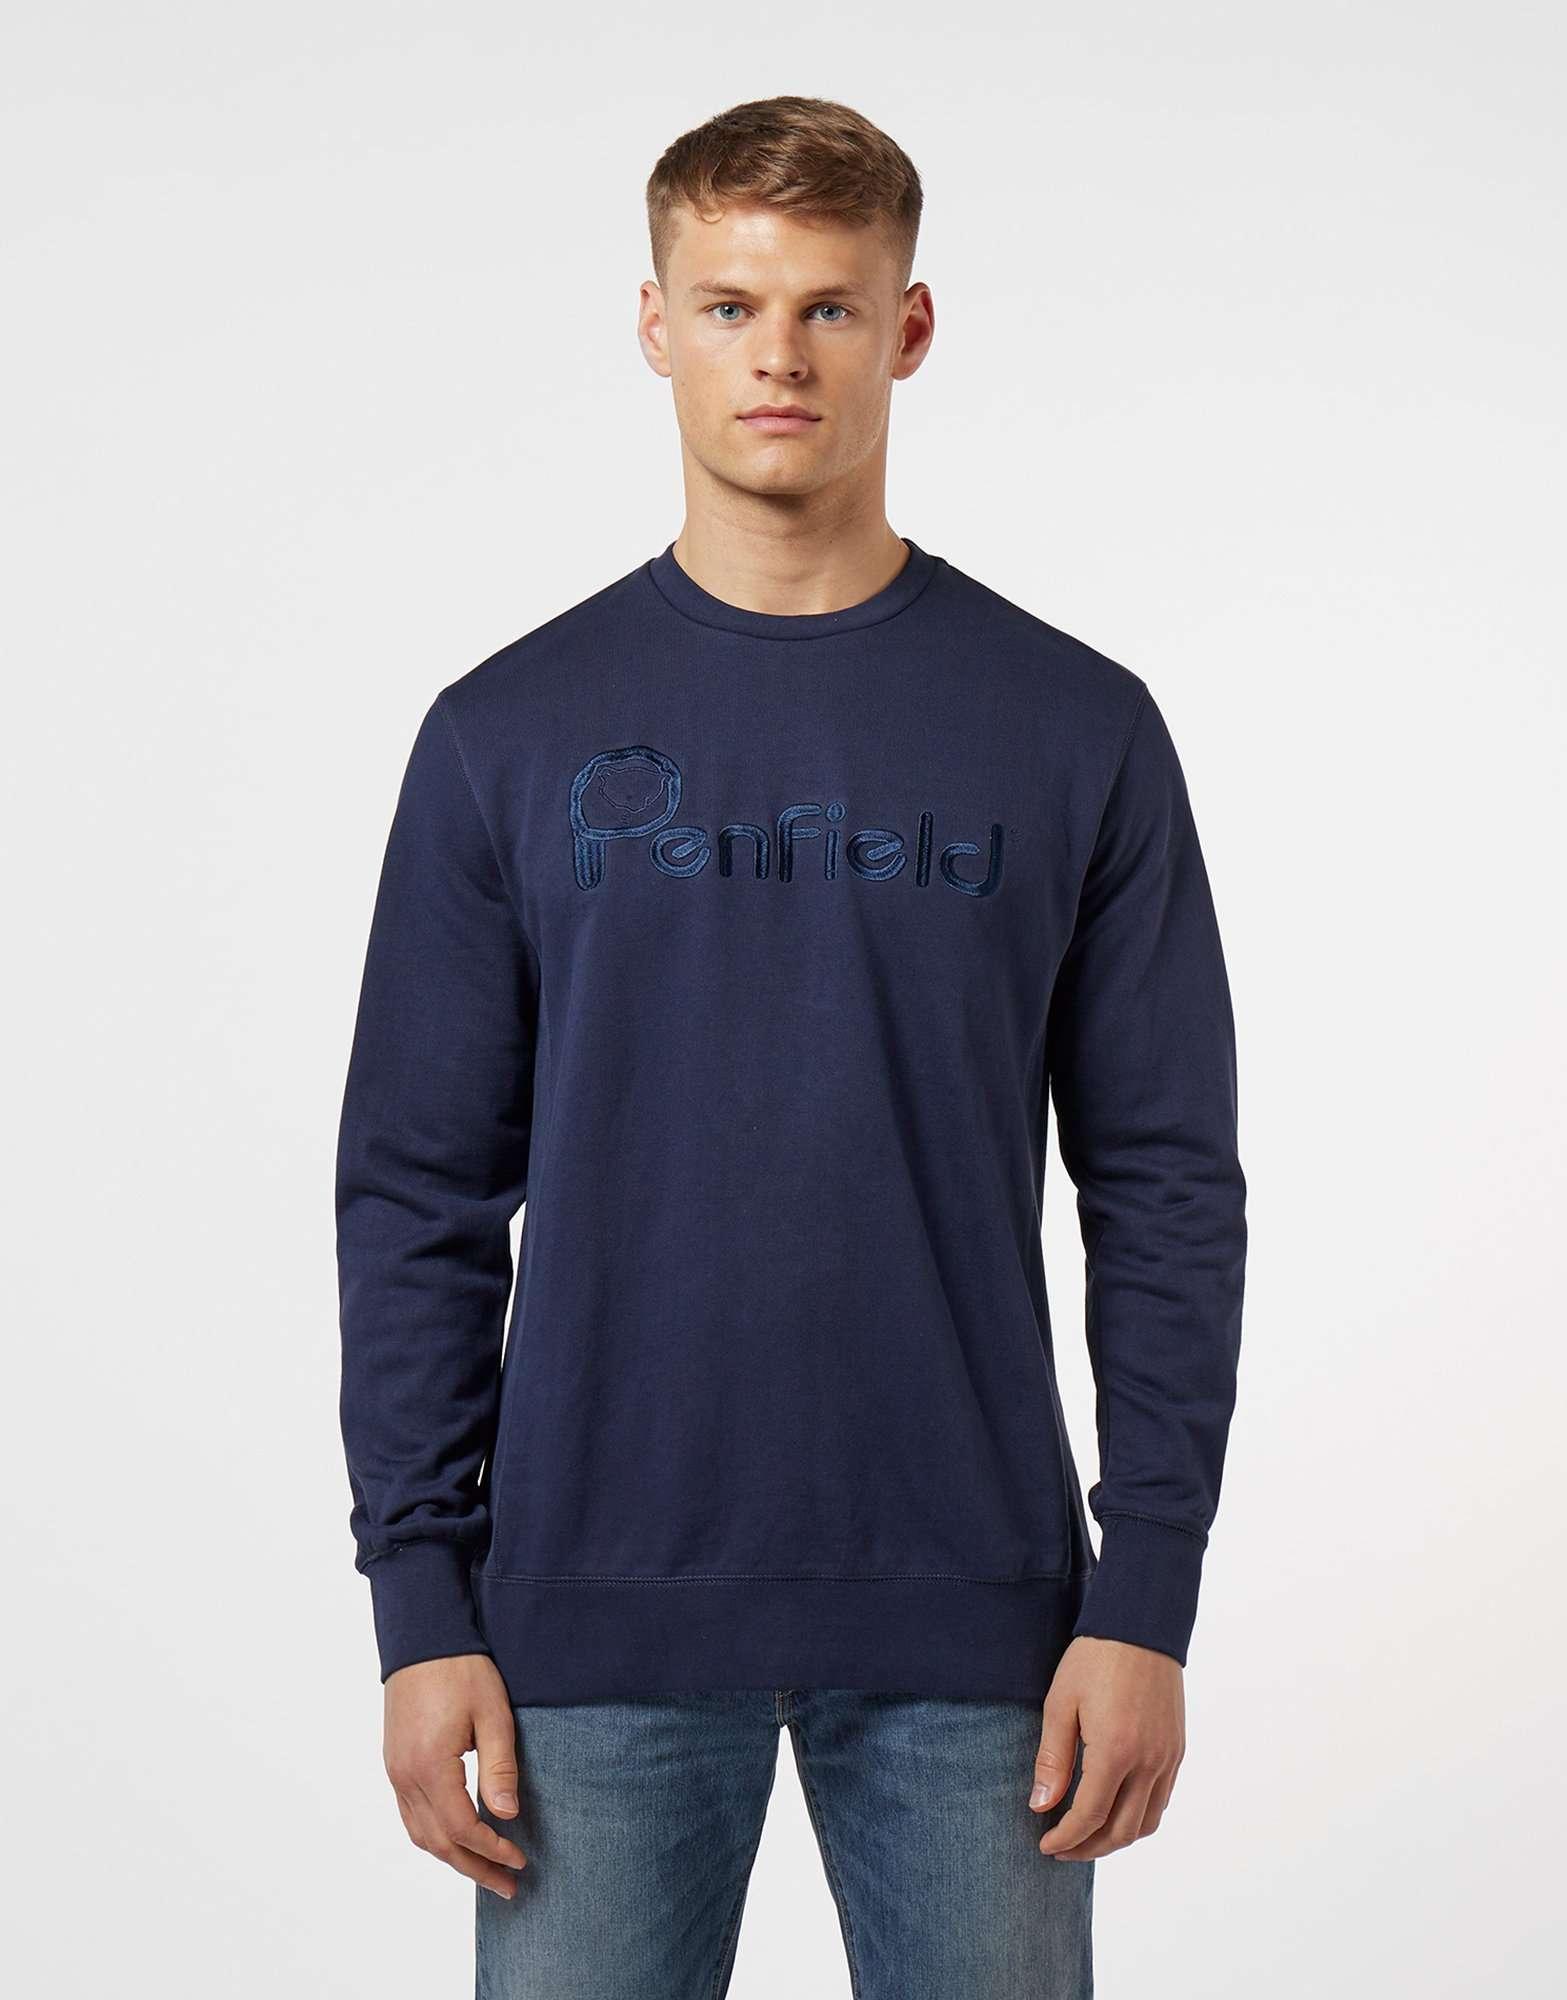 Penfield Bowdoin Sweatshirt